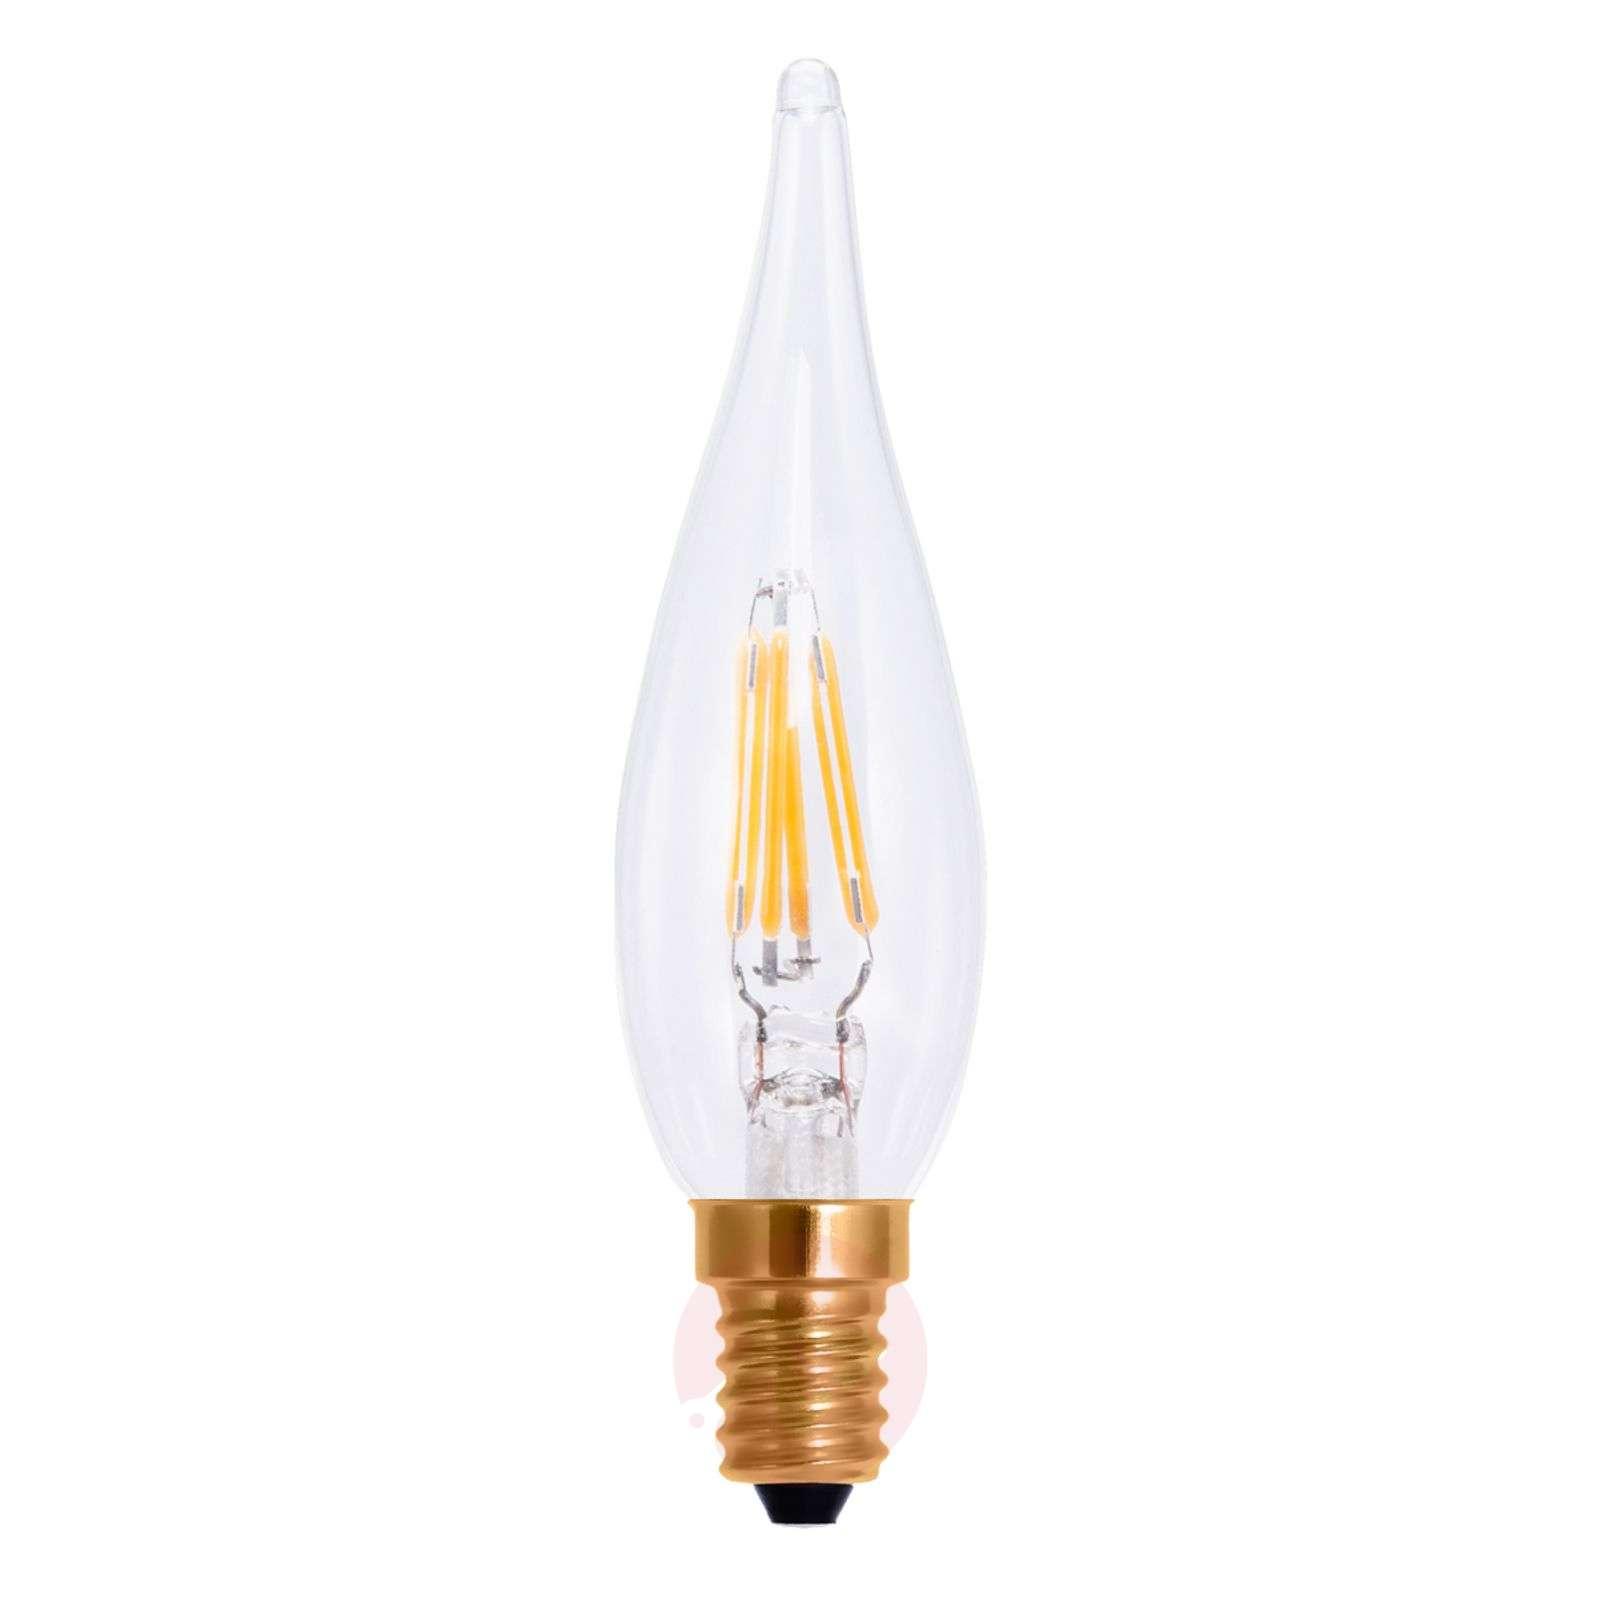 LED-filamentti-kynttilälamppu E10 1,5W-8536176-01